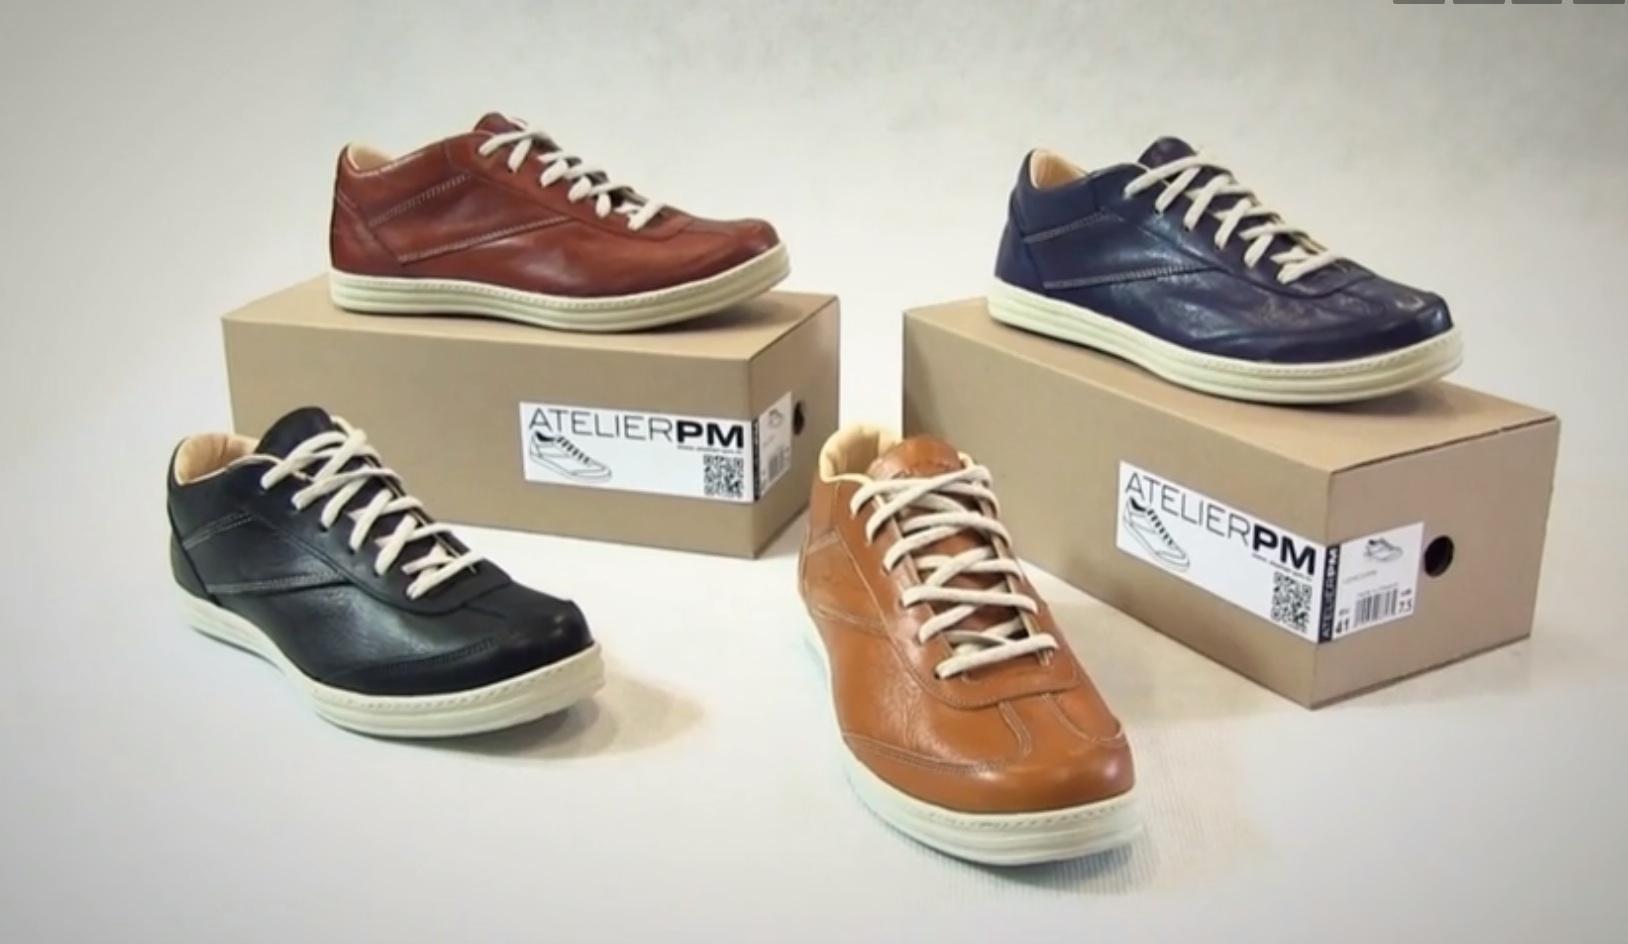 b353c9844f0a AtelierPM, sneakers cuir homme et femme fabriqués en France | La Fabrique  hexagonale